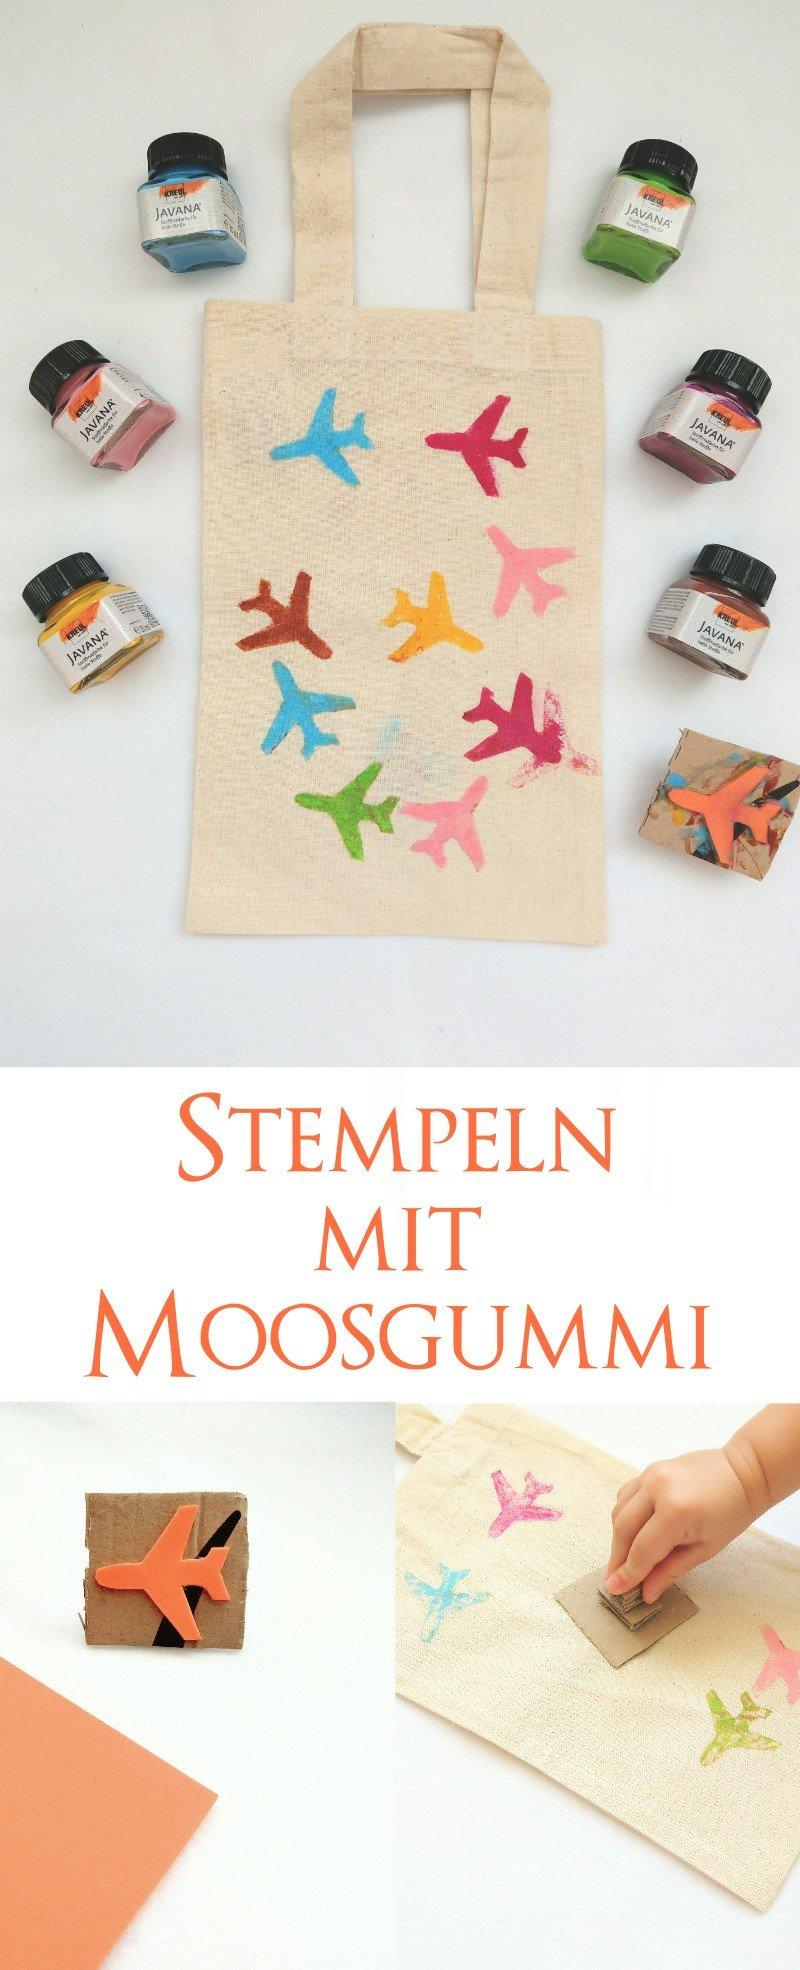 Stoffe lassen sich ganz einfach mit Stempeln aus Moosgummi bedrucken. Eine tolle Bastelidee für Kinder.